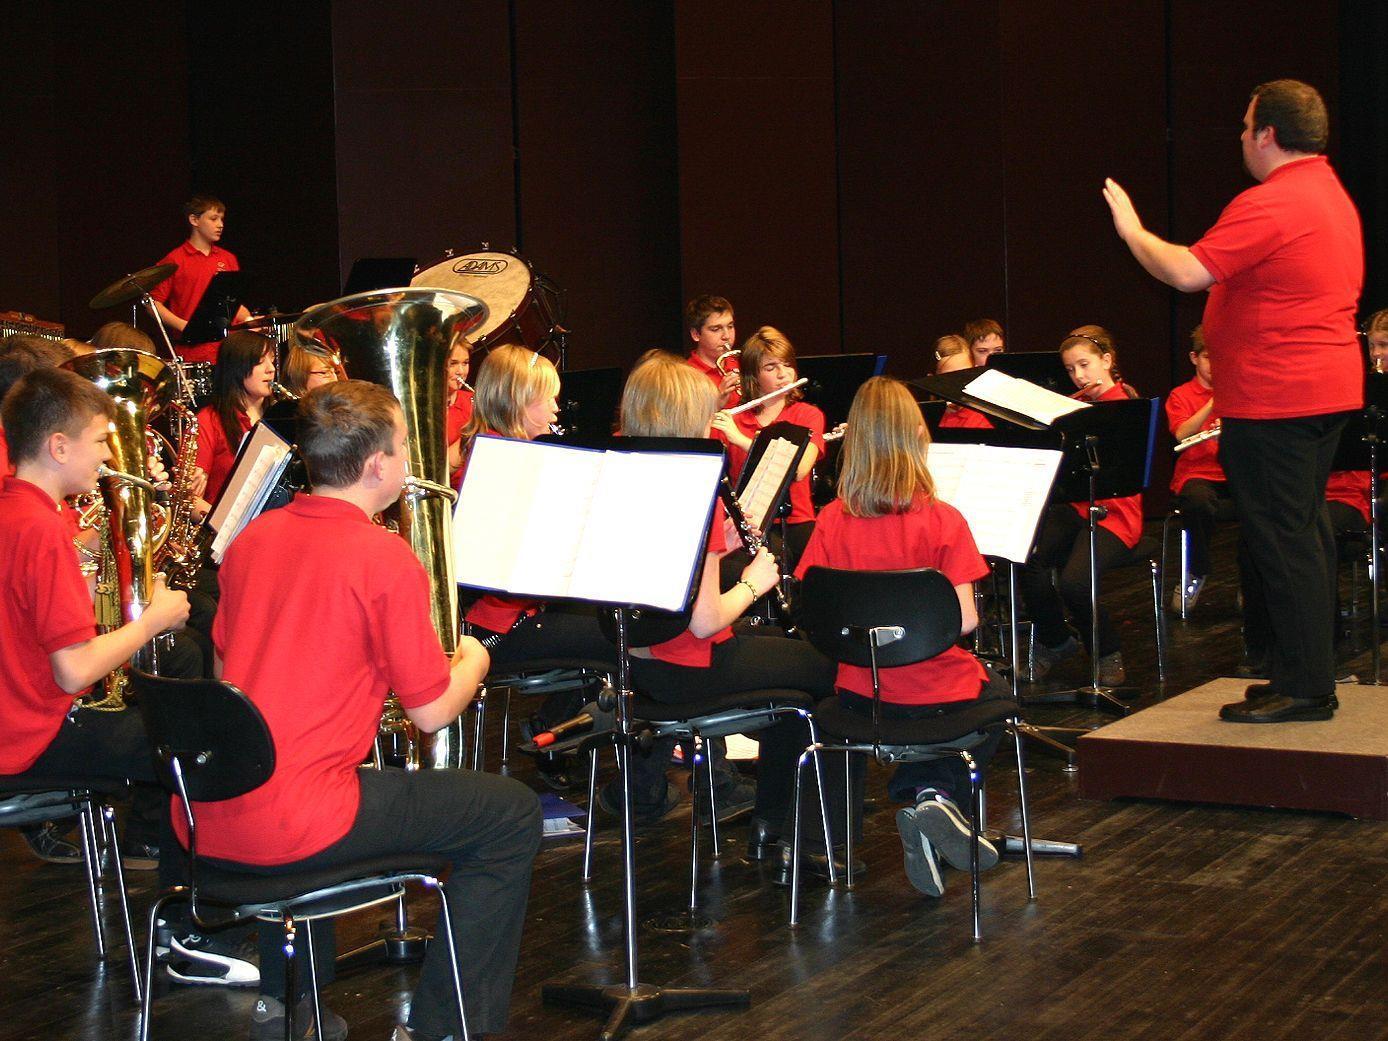 Die Jugendmusik der Stadtkapelle Dornbirn-Haselstauden ist beim Gemeinschaftskonzert dabei.